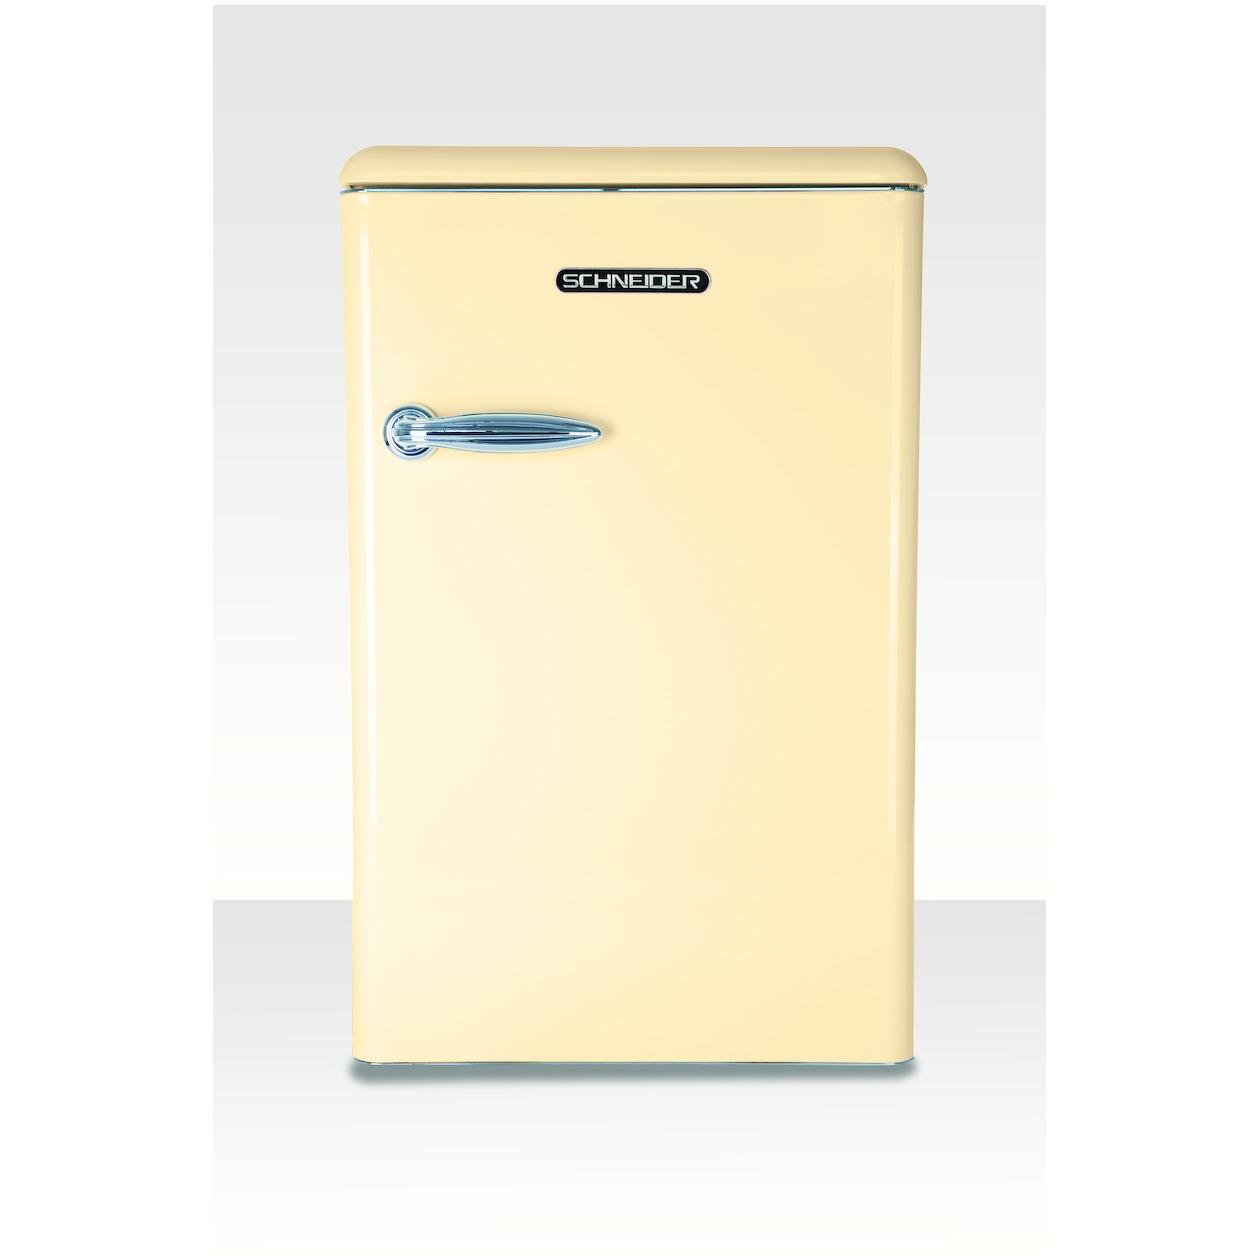 Schneider koelkast zonder vriesvak SL 130 SC-TT A++ Cream - Prijsvergelijk